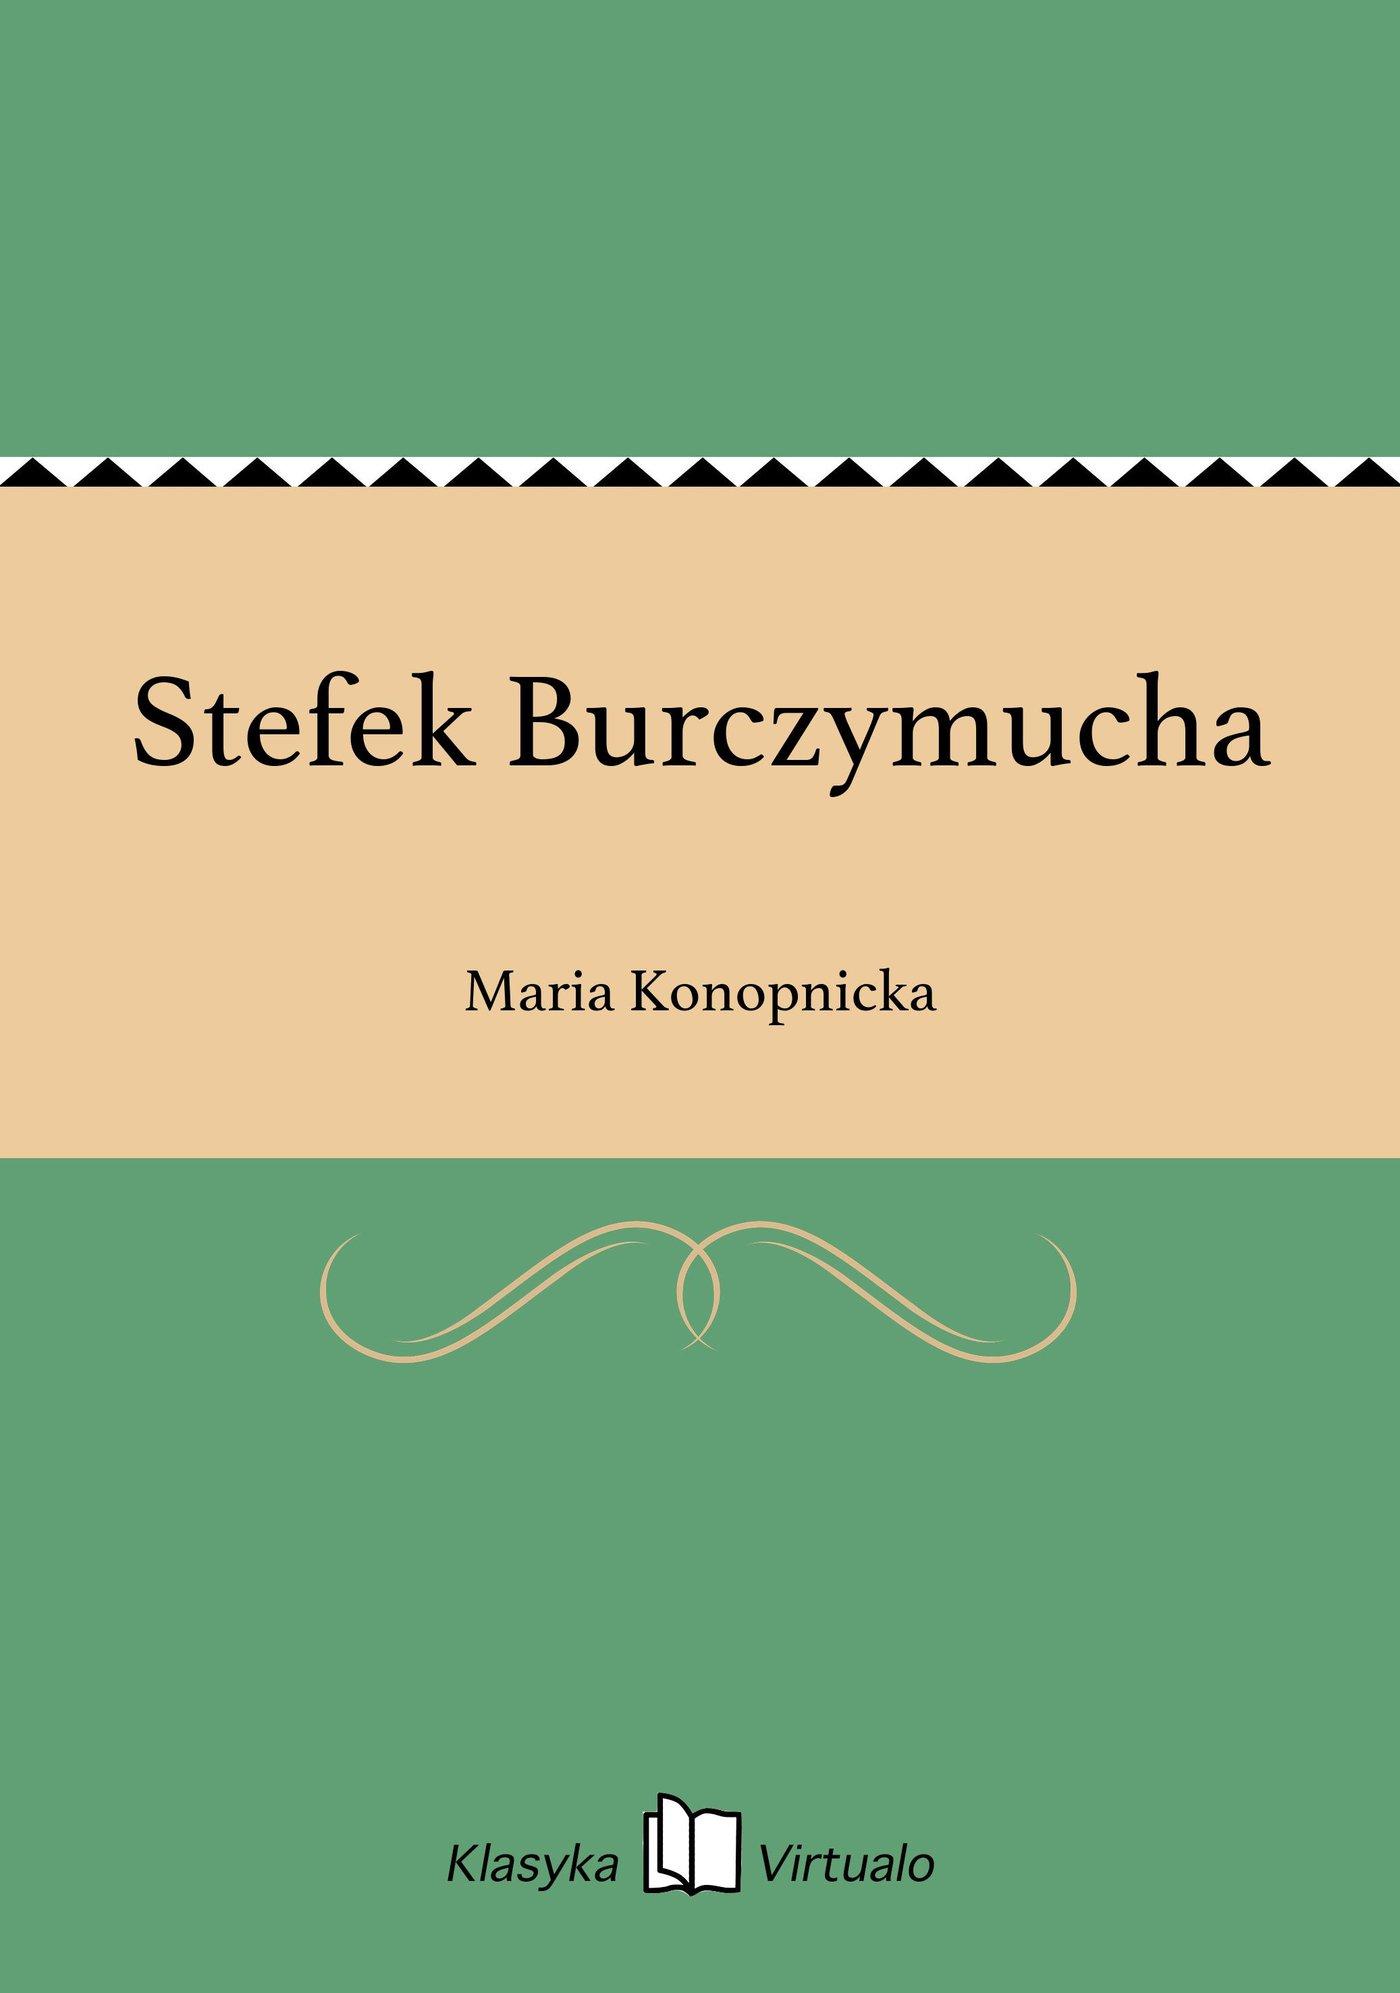 Stefek Burczymucha - Ebook (Książka EPUB) do pobrania w formacie EPUB